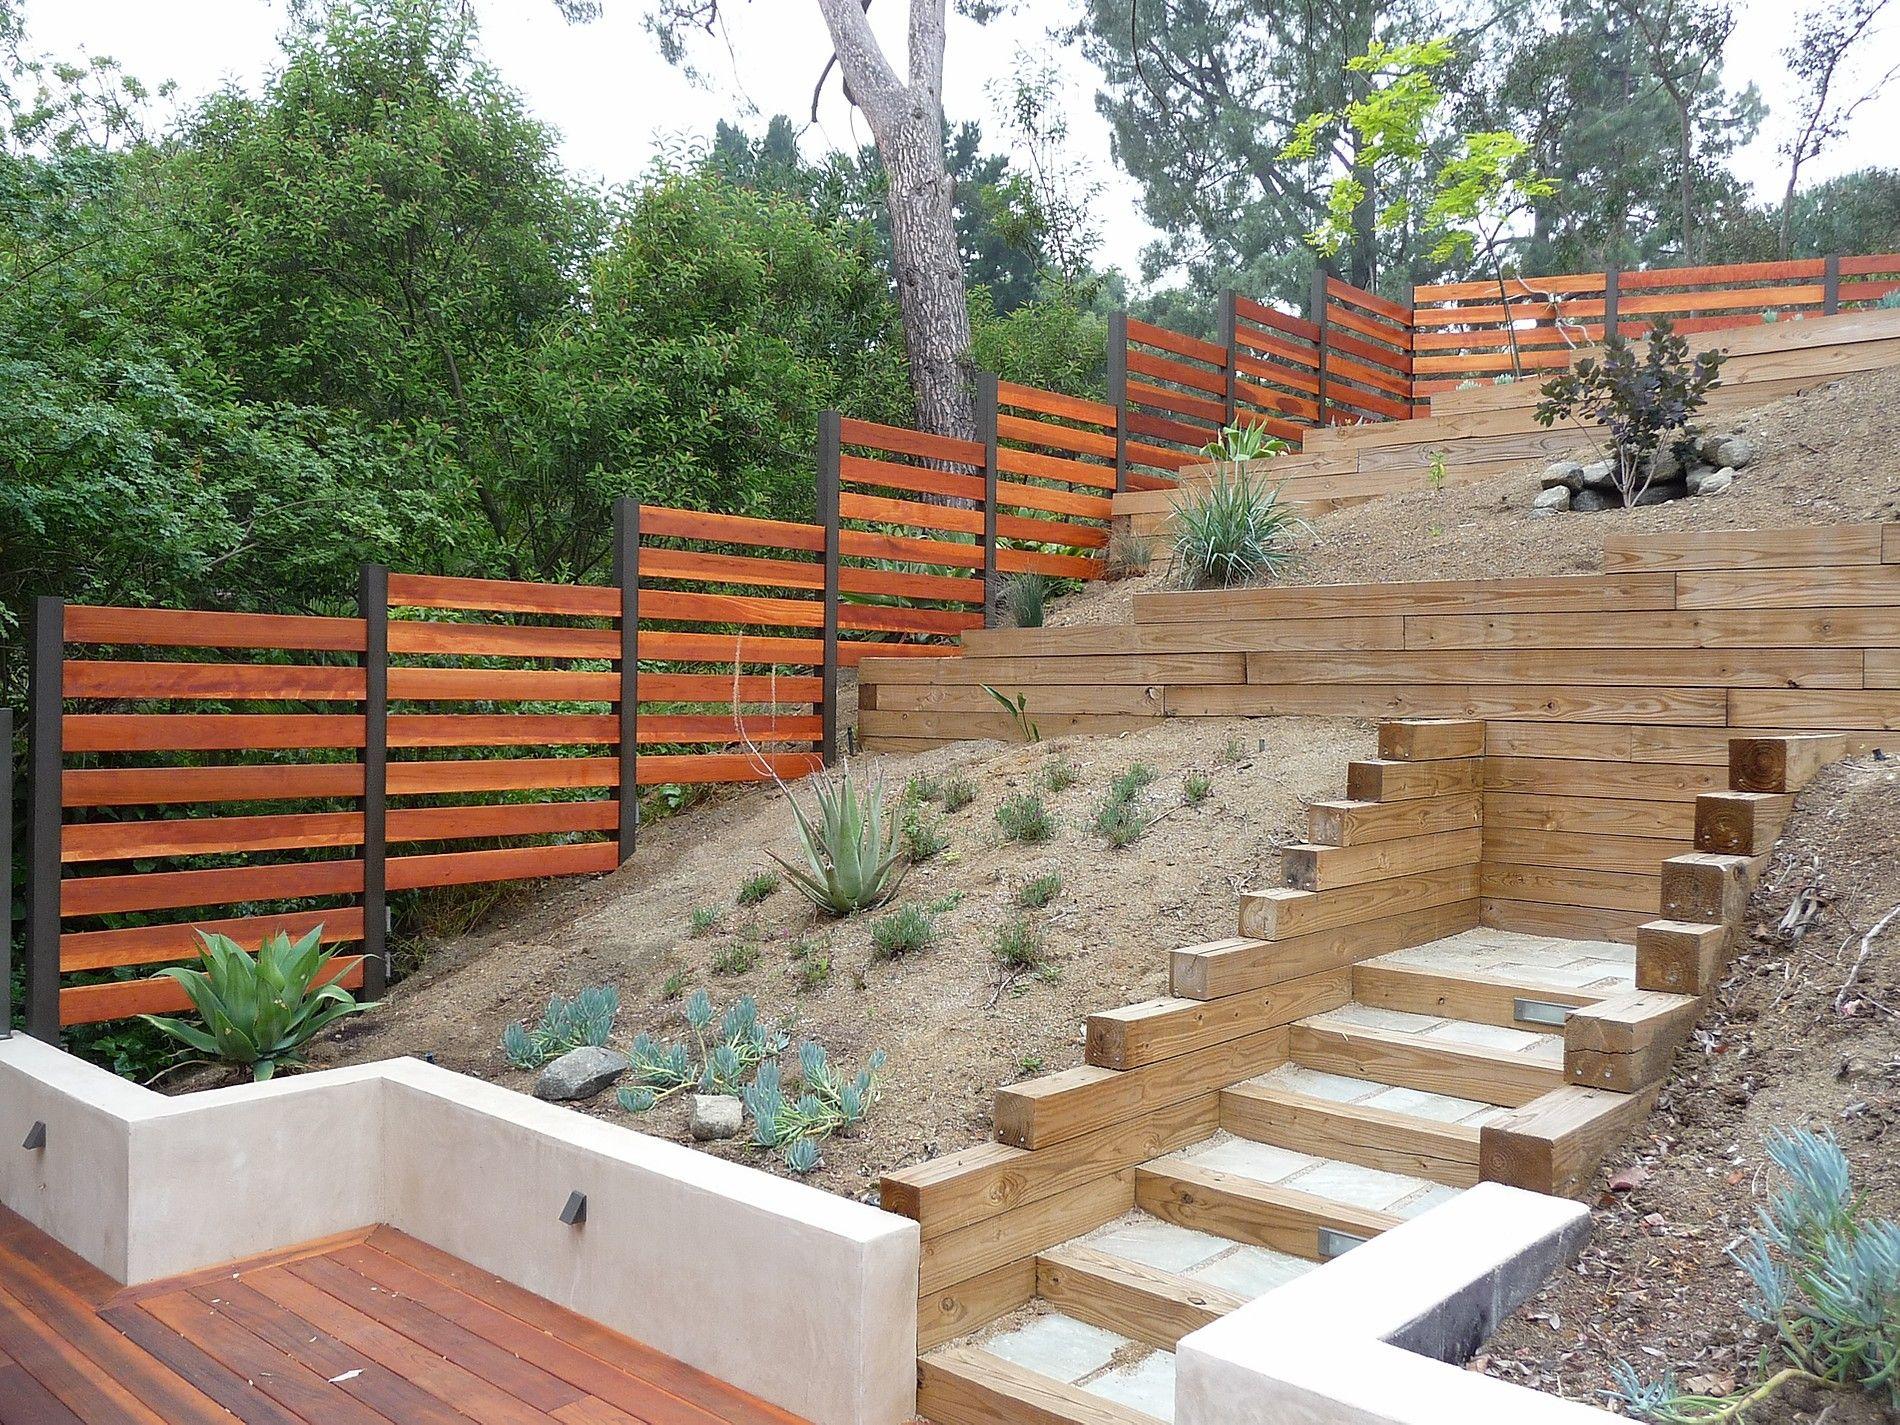 hillside redwood fence tkostructure in 2020 backyard on backyard garden fence decor ideas id=24735